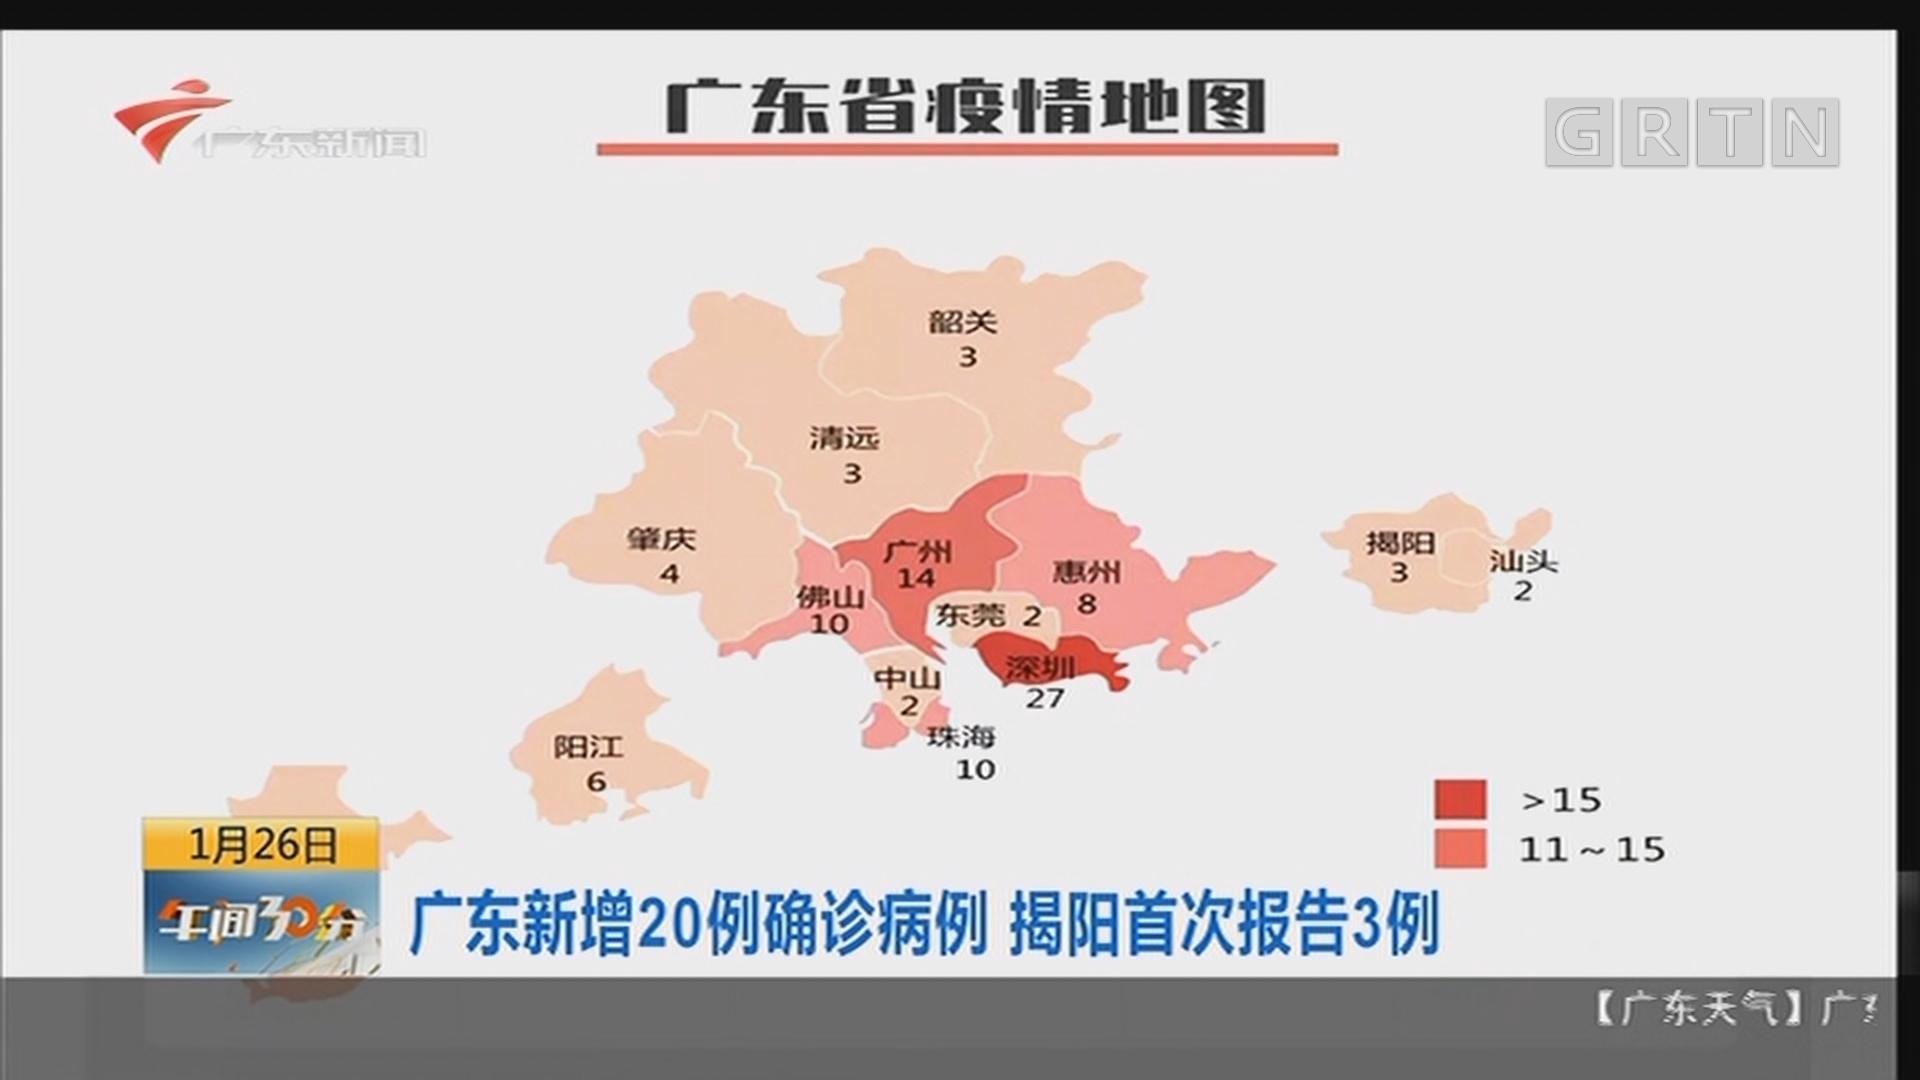 广东新增20例确诊病例 揭阳首次报告3例